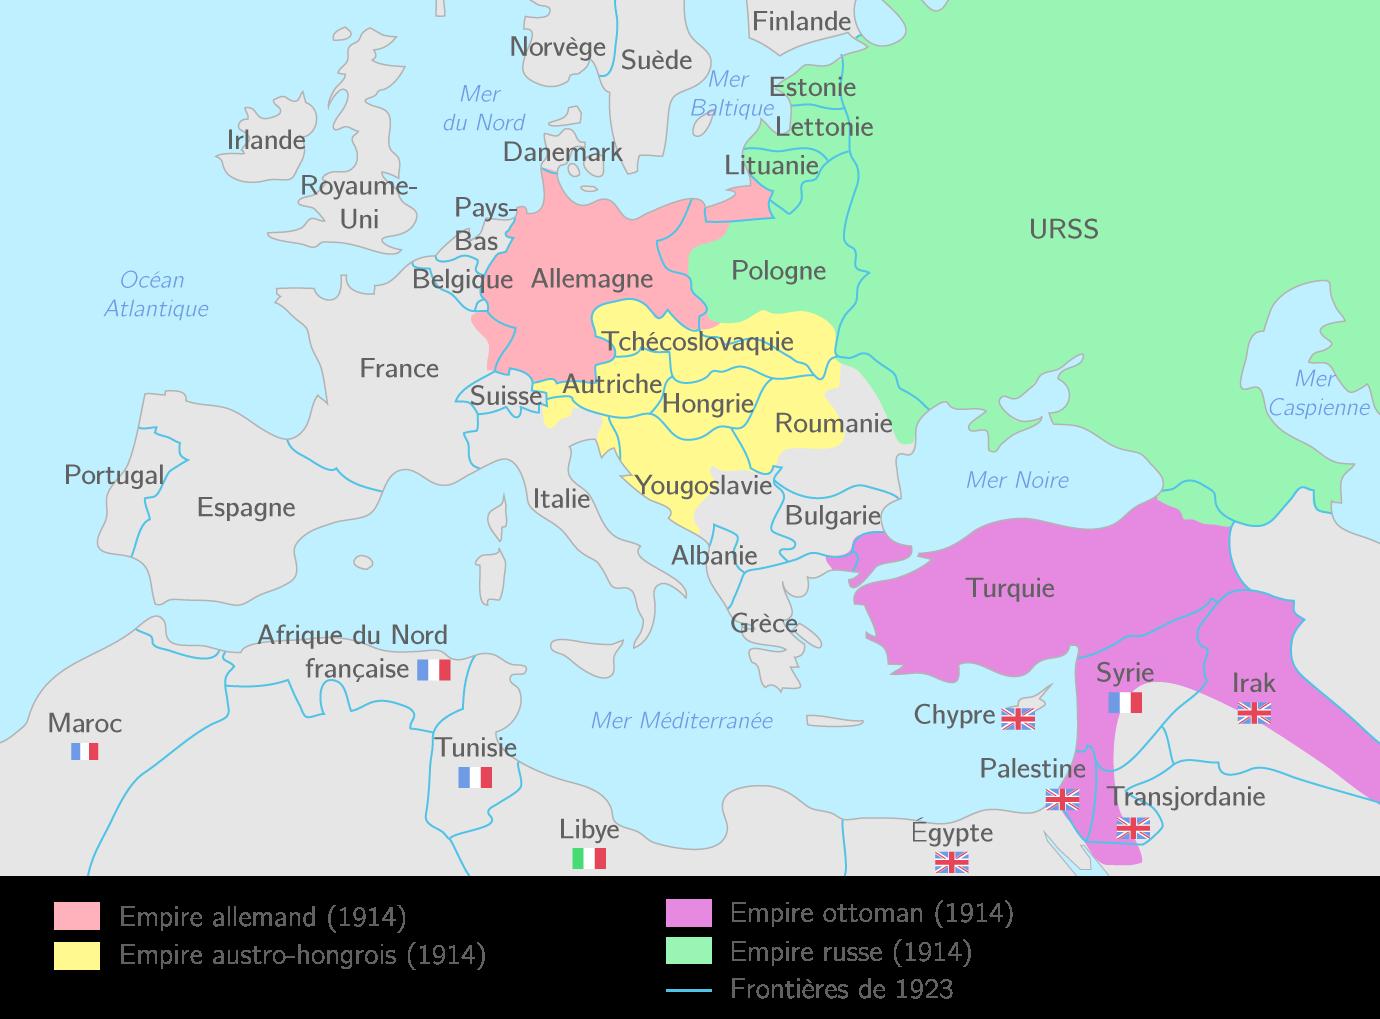 Les nouvelles frontières de l'Europe en 1918